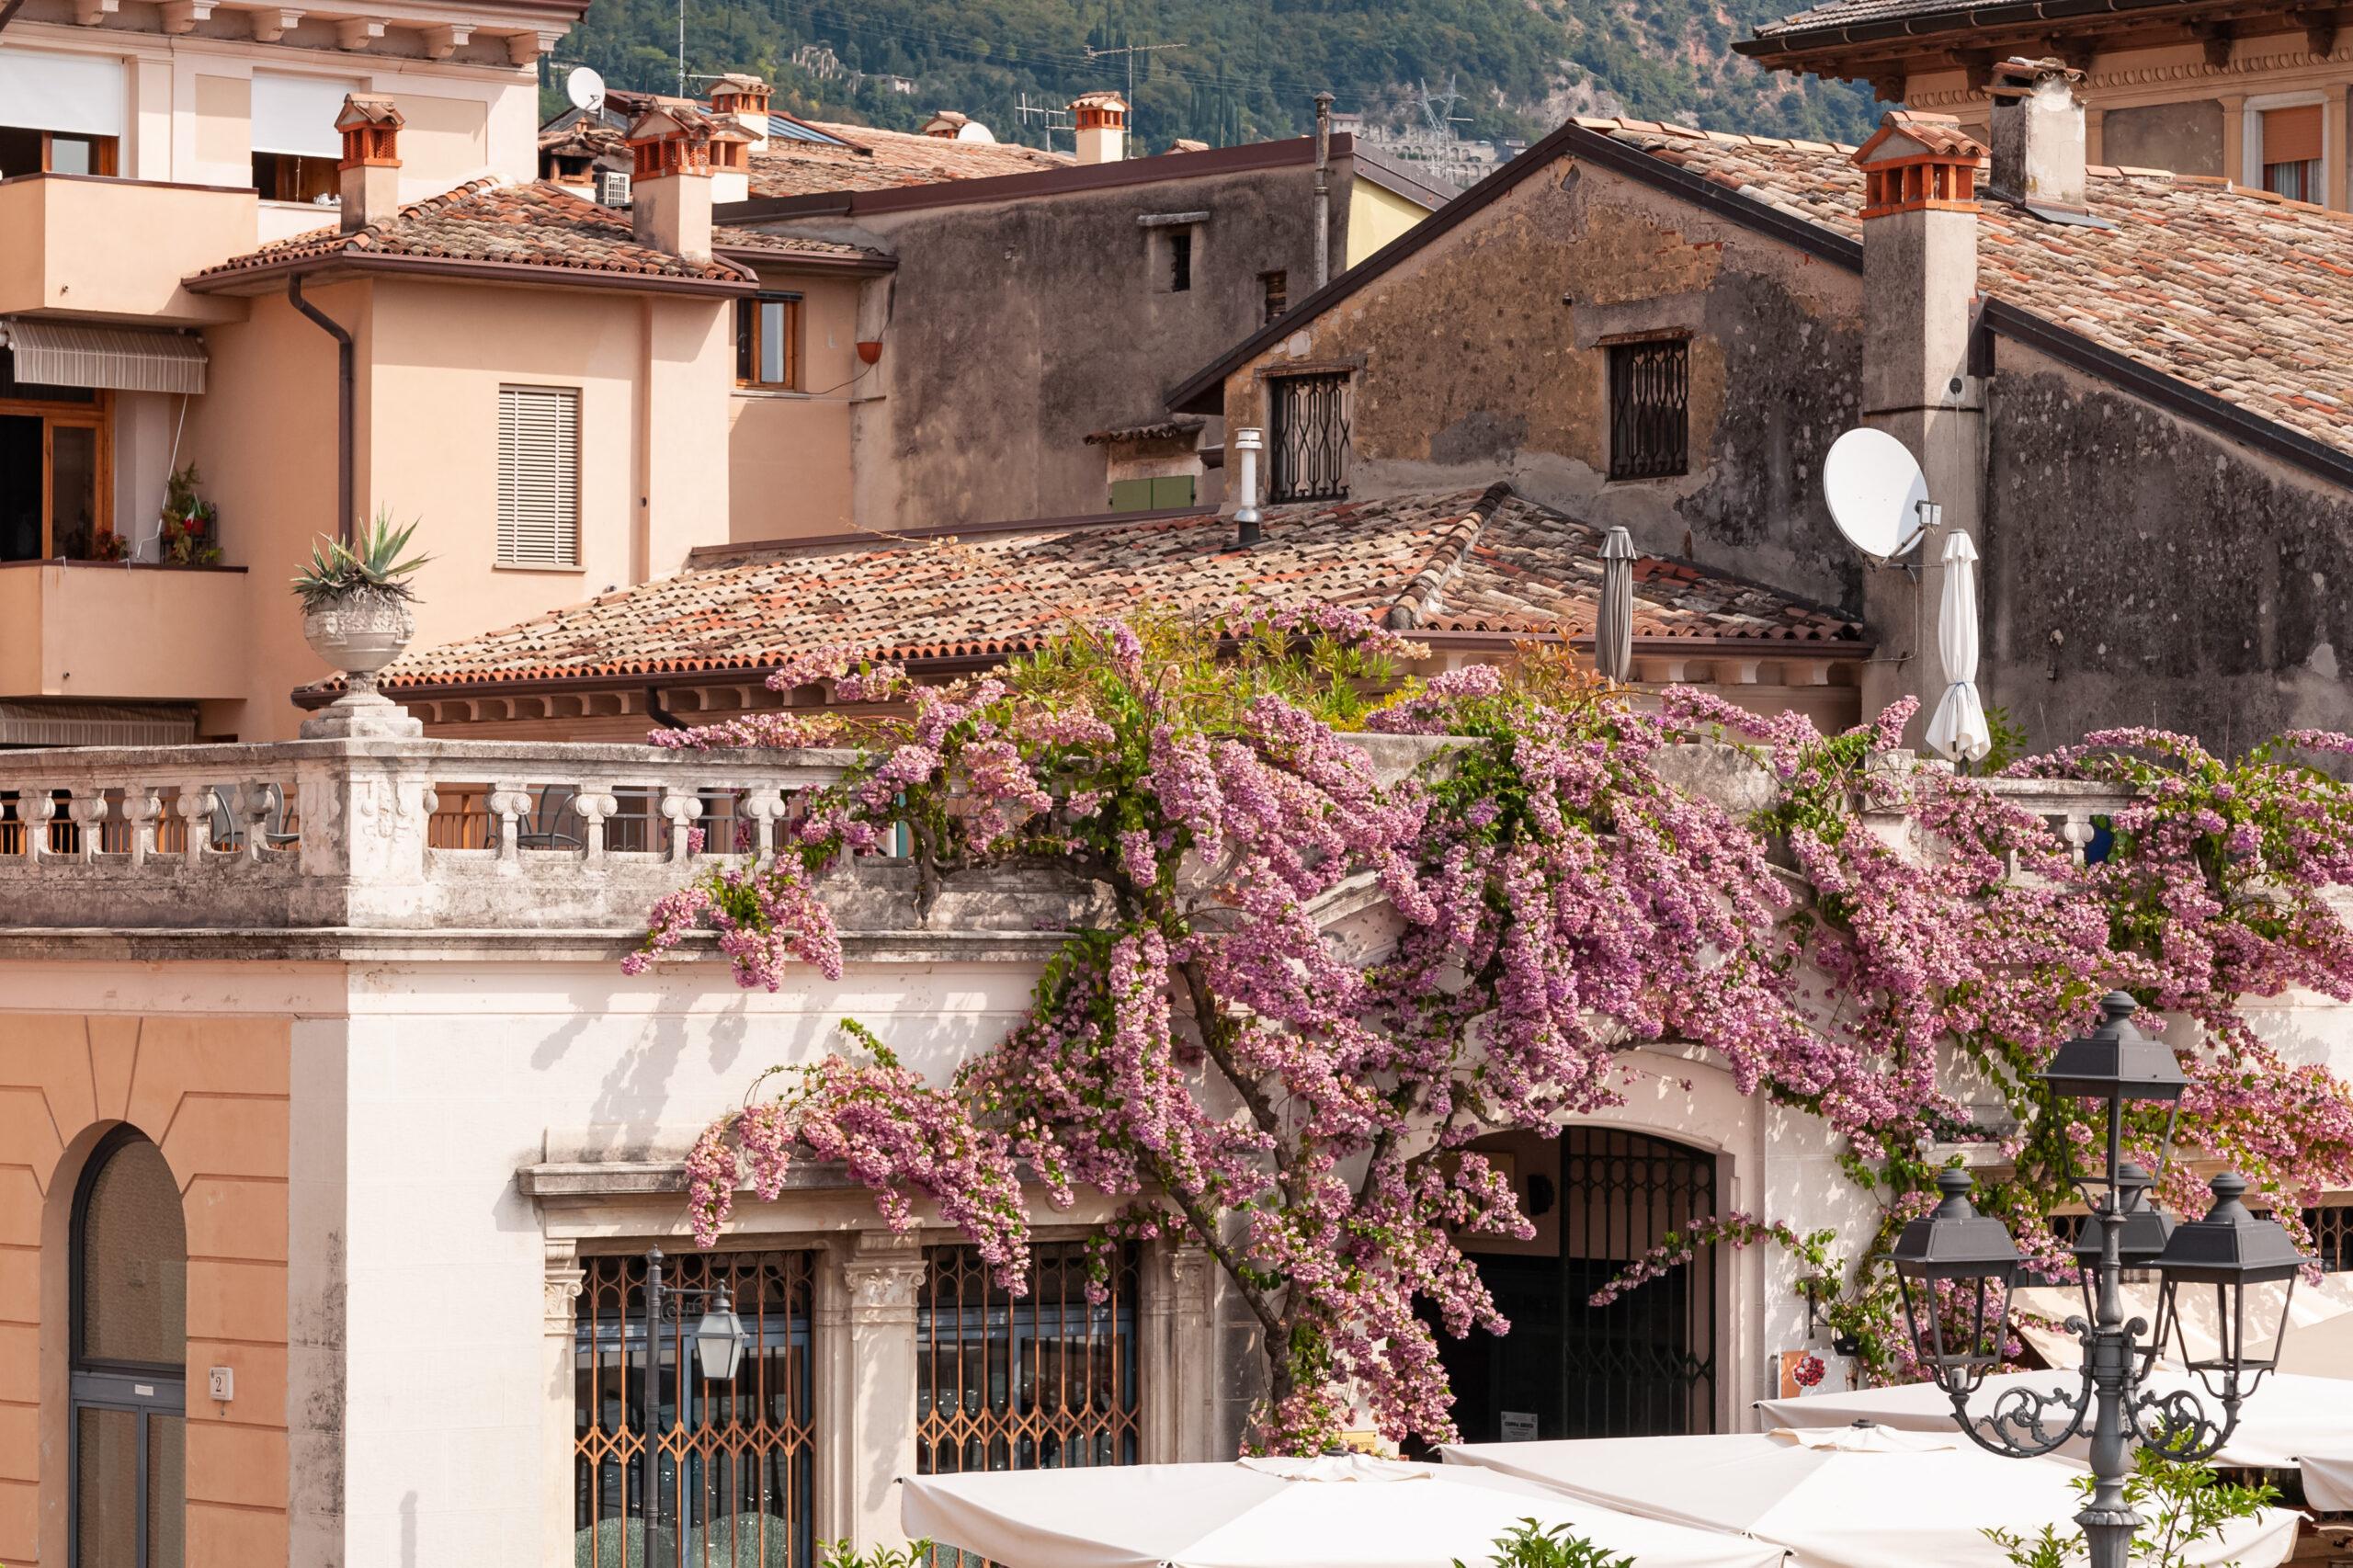 Concorso Balconi e Vetrine rosa Aspettando il Giro d'Italia